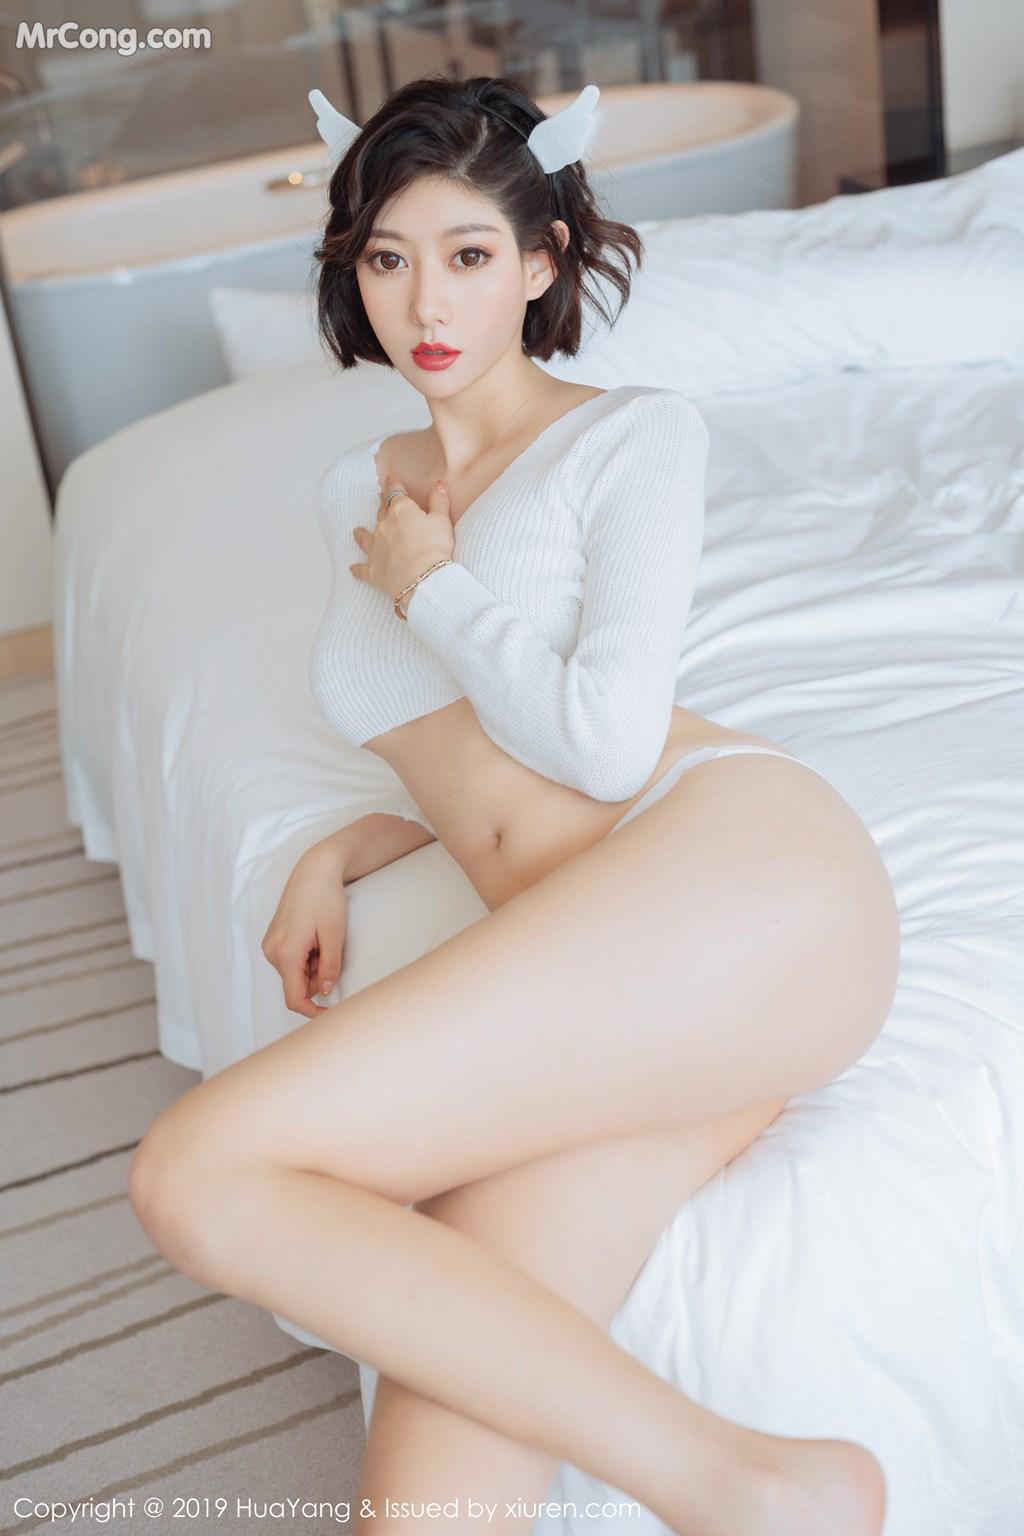 Image HuaYang-Vol.167-Yi-Xuan-MrCong.com-003 in post HuaYang Vol.167: Yi Xuan (艺轩) (51 ảnh)